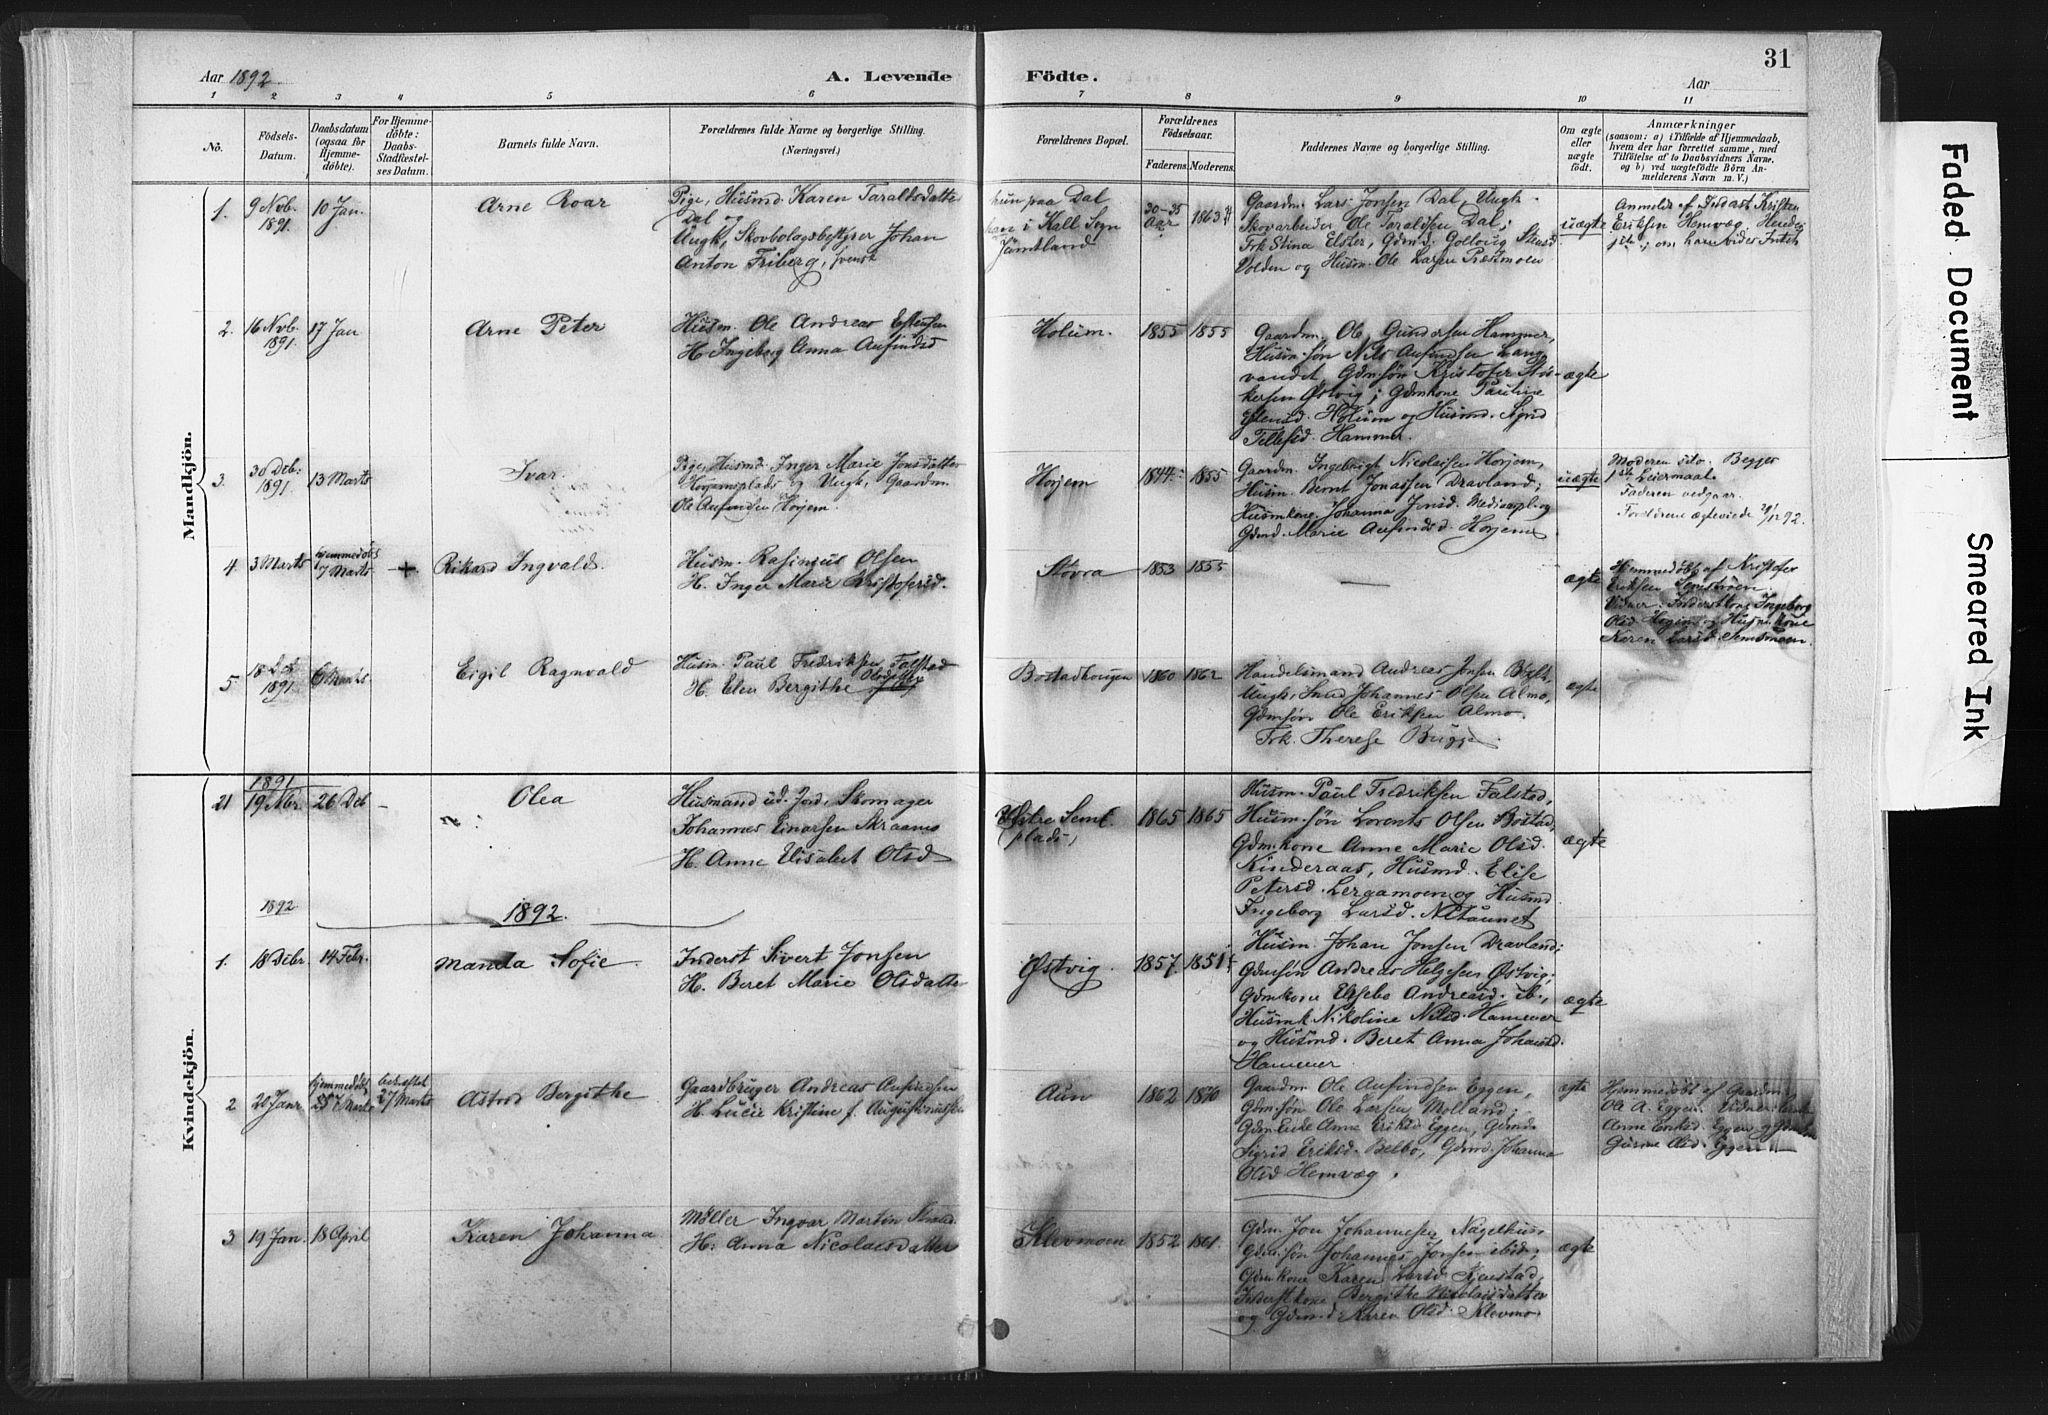 SAT, Ministerialprotokoller, klokkerbøker og fødselsregistre - Nord-Trøndelag, 749/L0474: Ministerialbok nr. 749A08, 1887-1903, s. 31